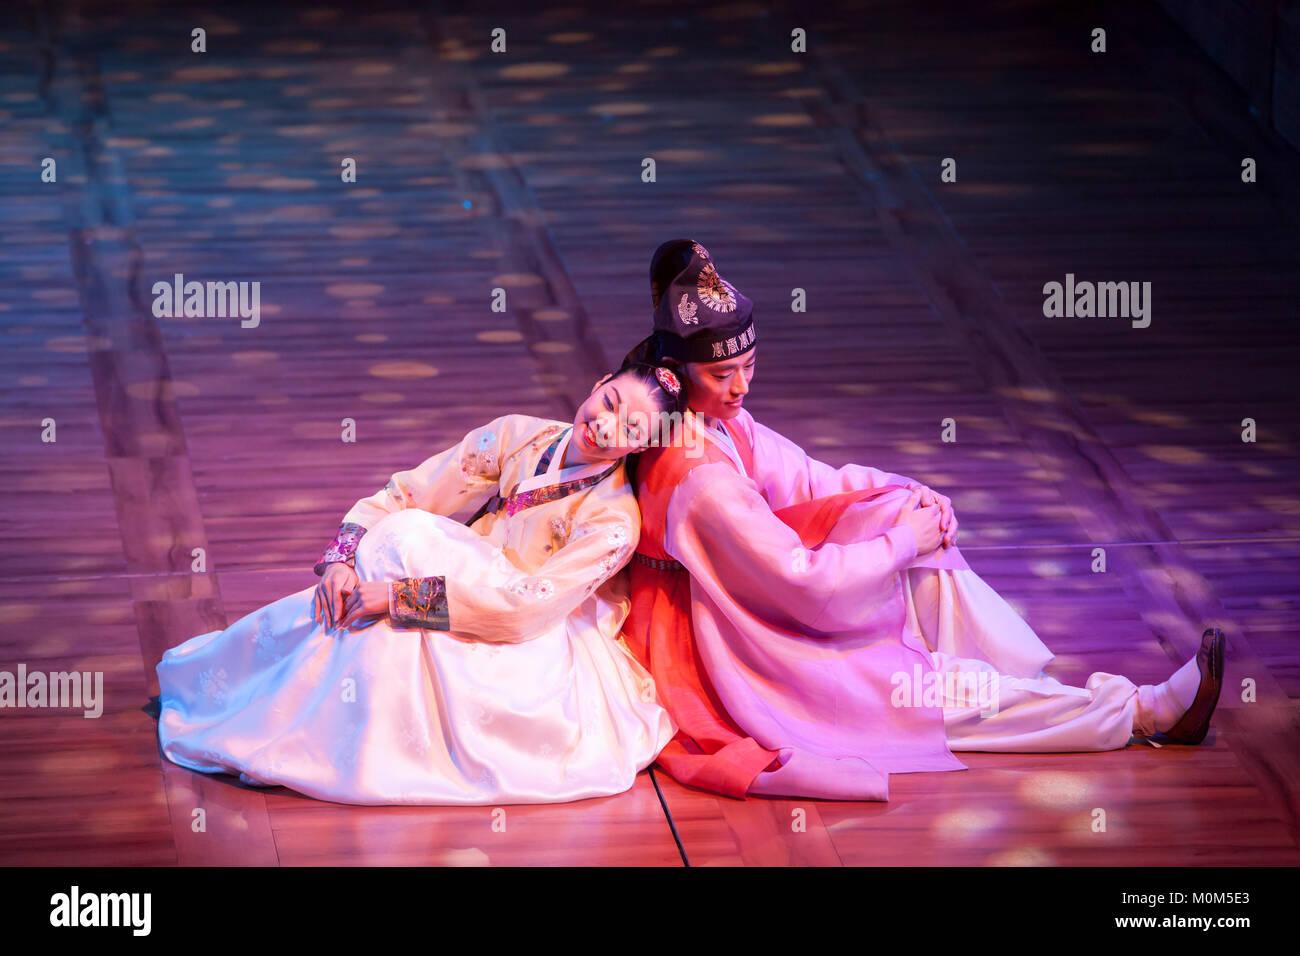 70ca8dbf62d1d Korean dance performance où les danseurs dansent les quatre saisons tandis  qu'un garçon et